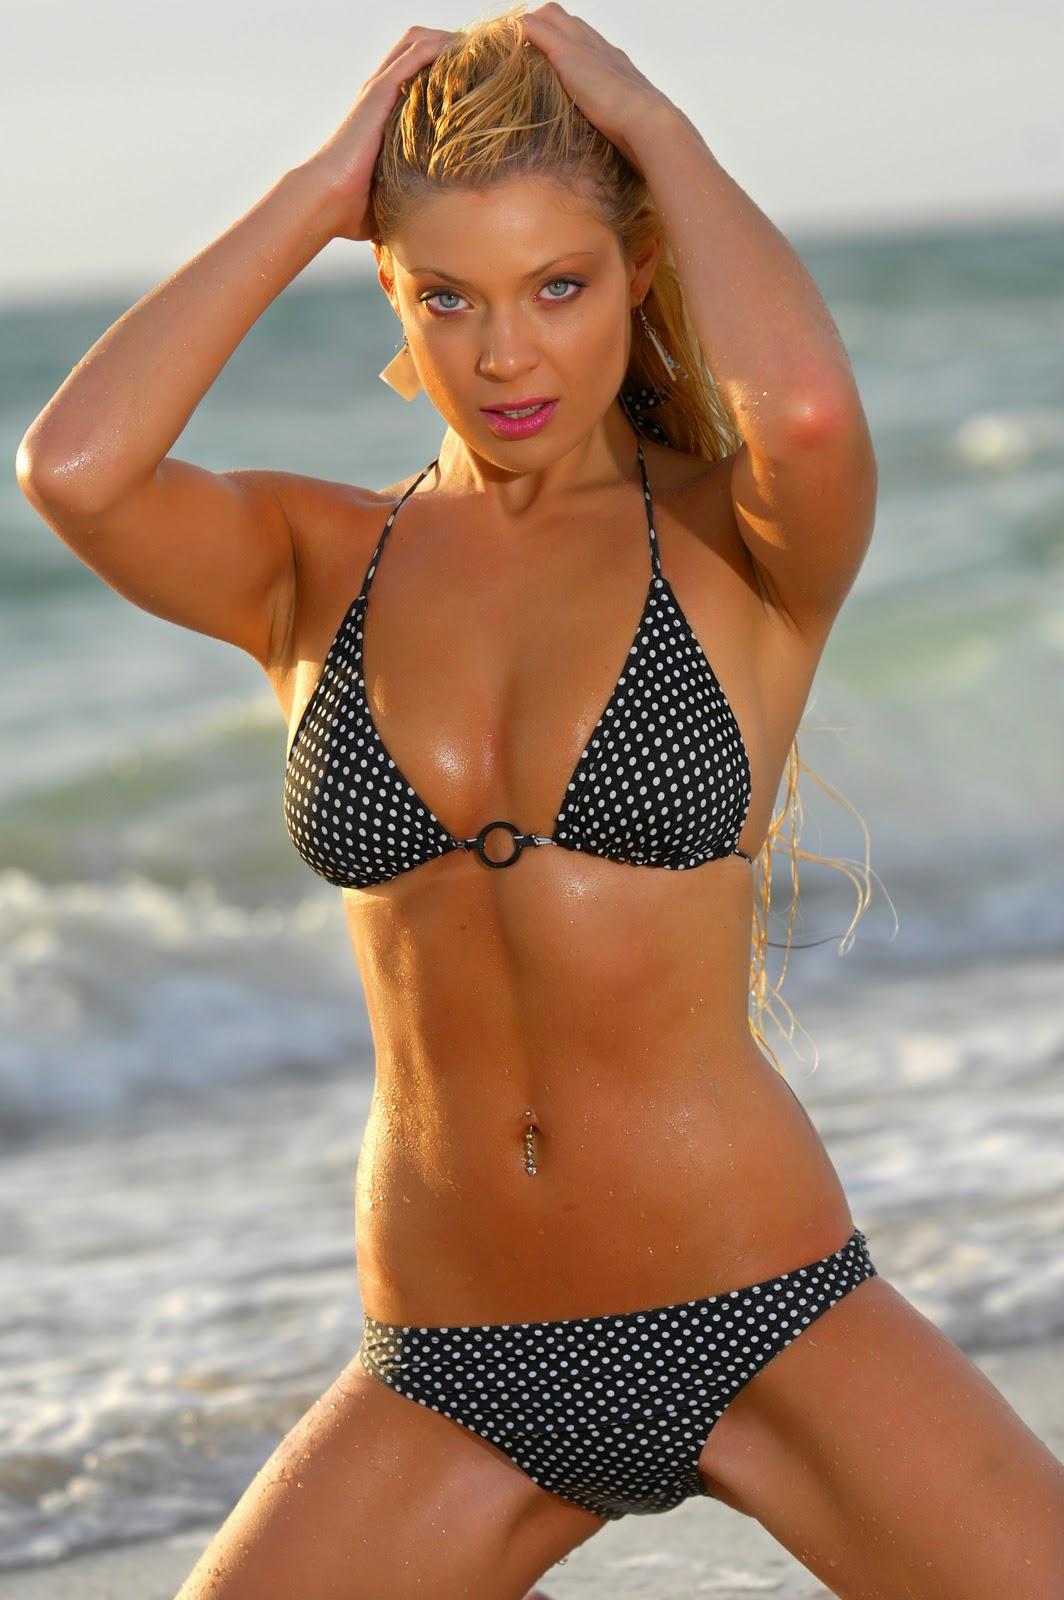 Hd Bikini